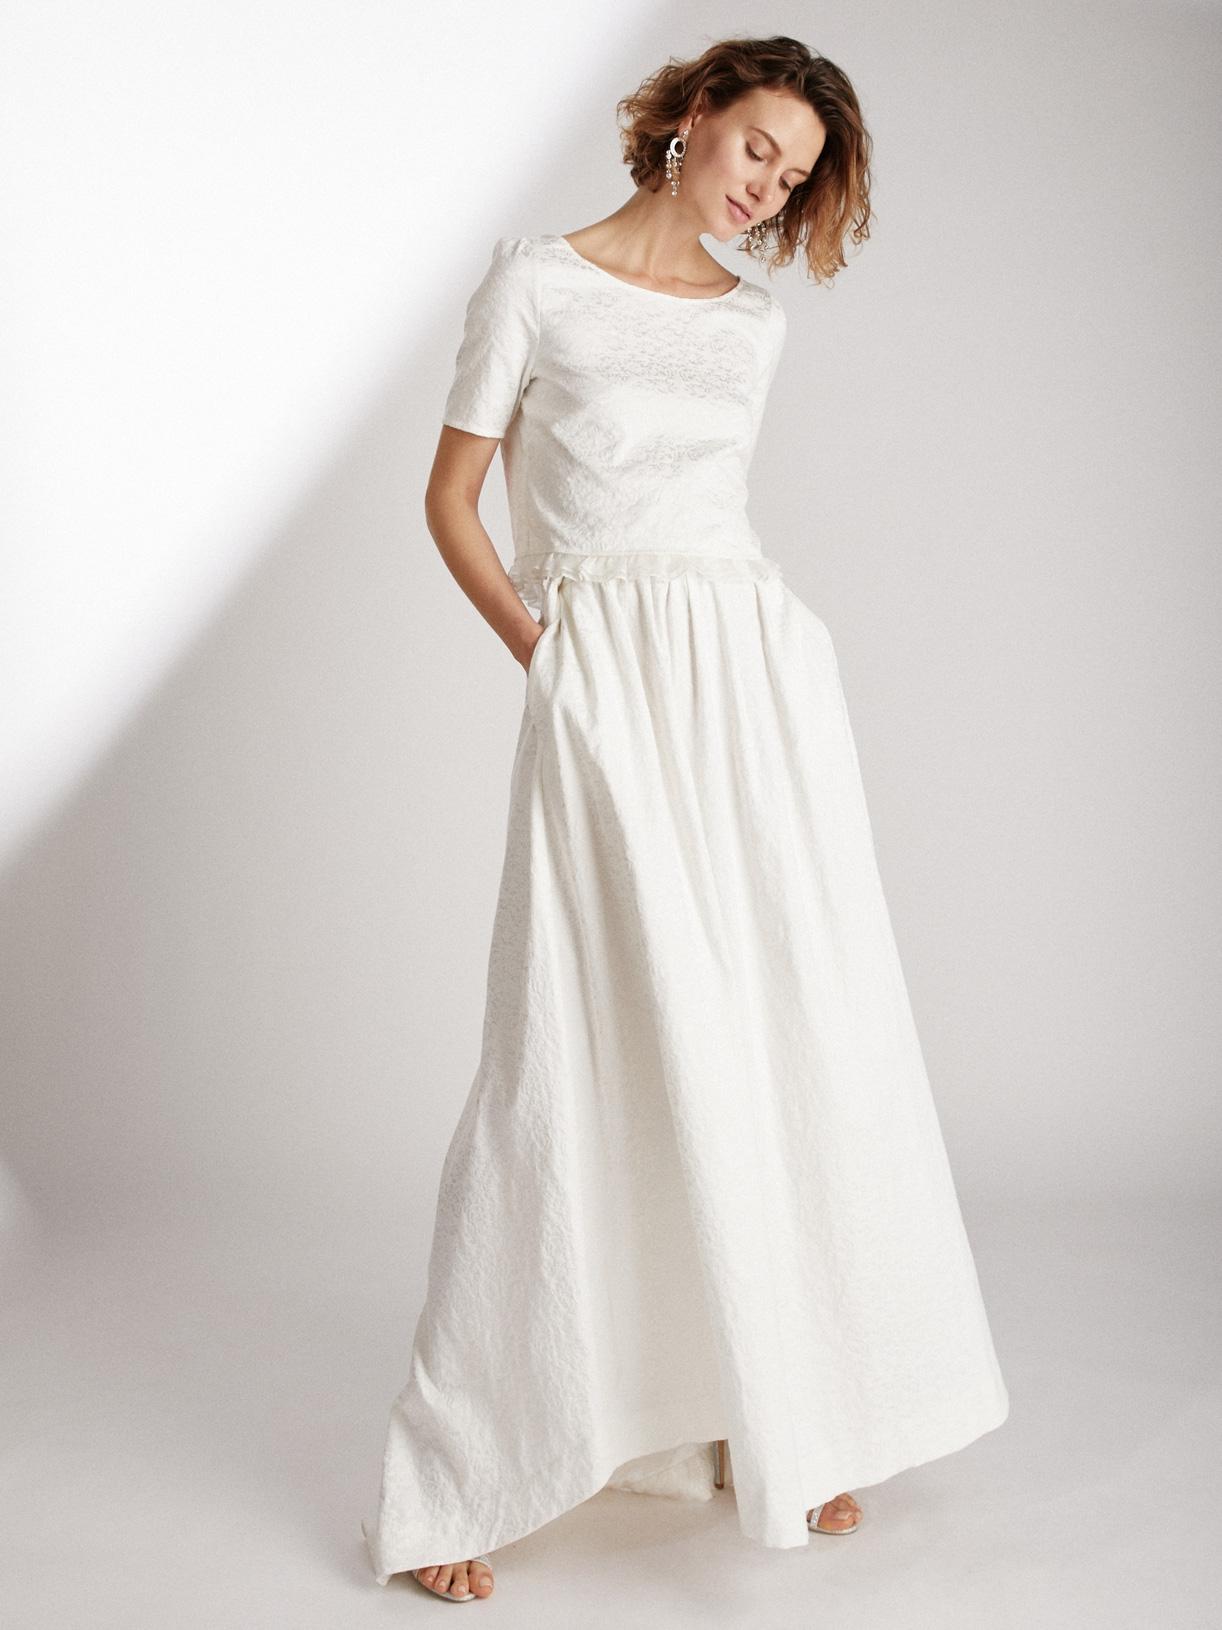 PEACE - Jupe de mariée longue ample et romantique en jacquard - Myphilosophy